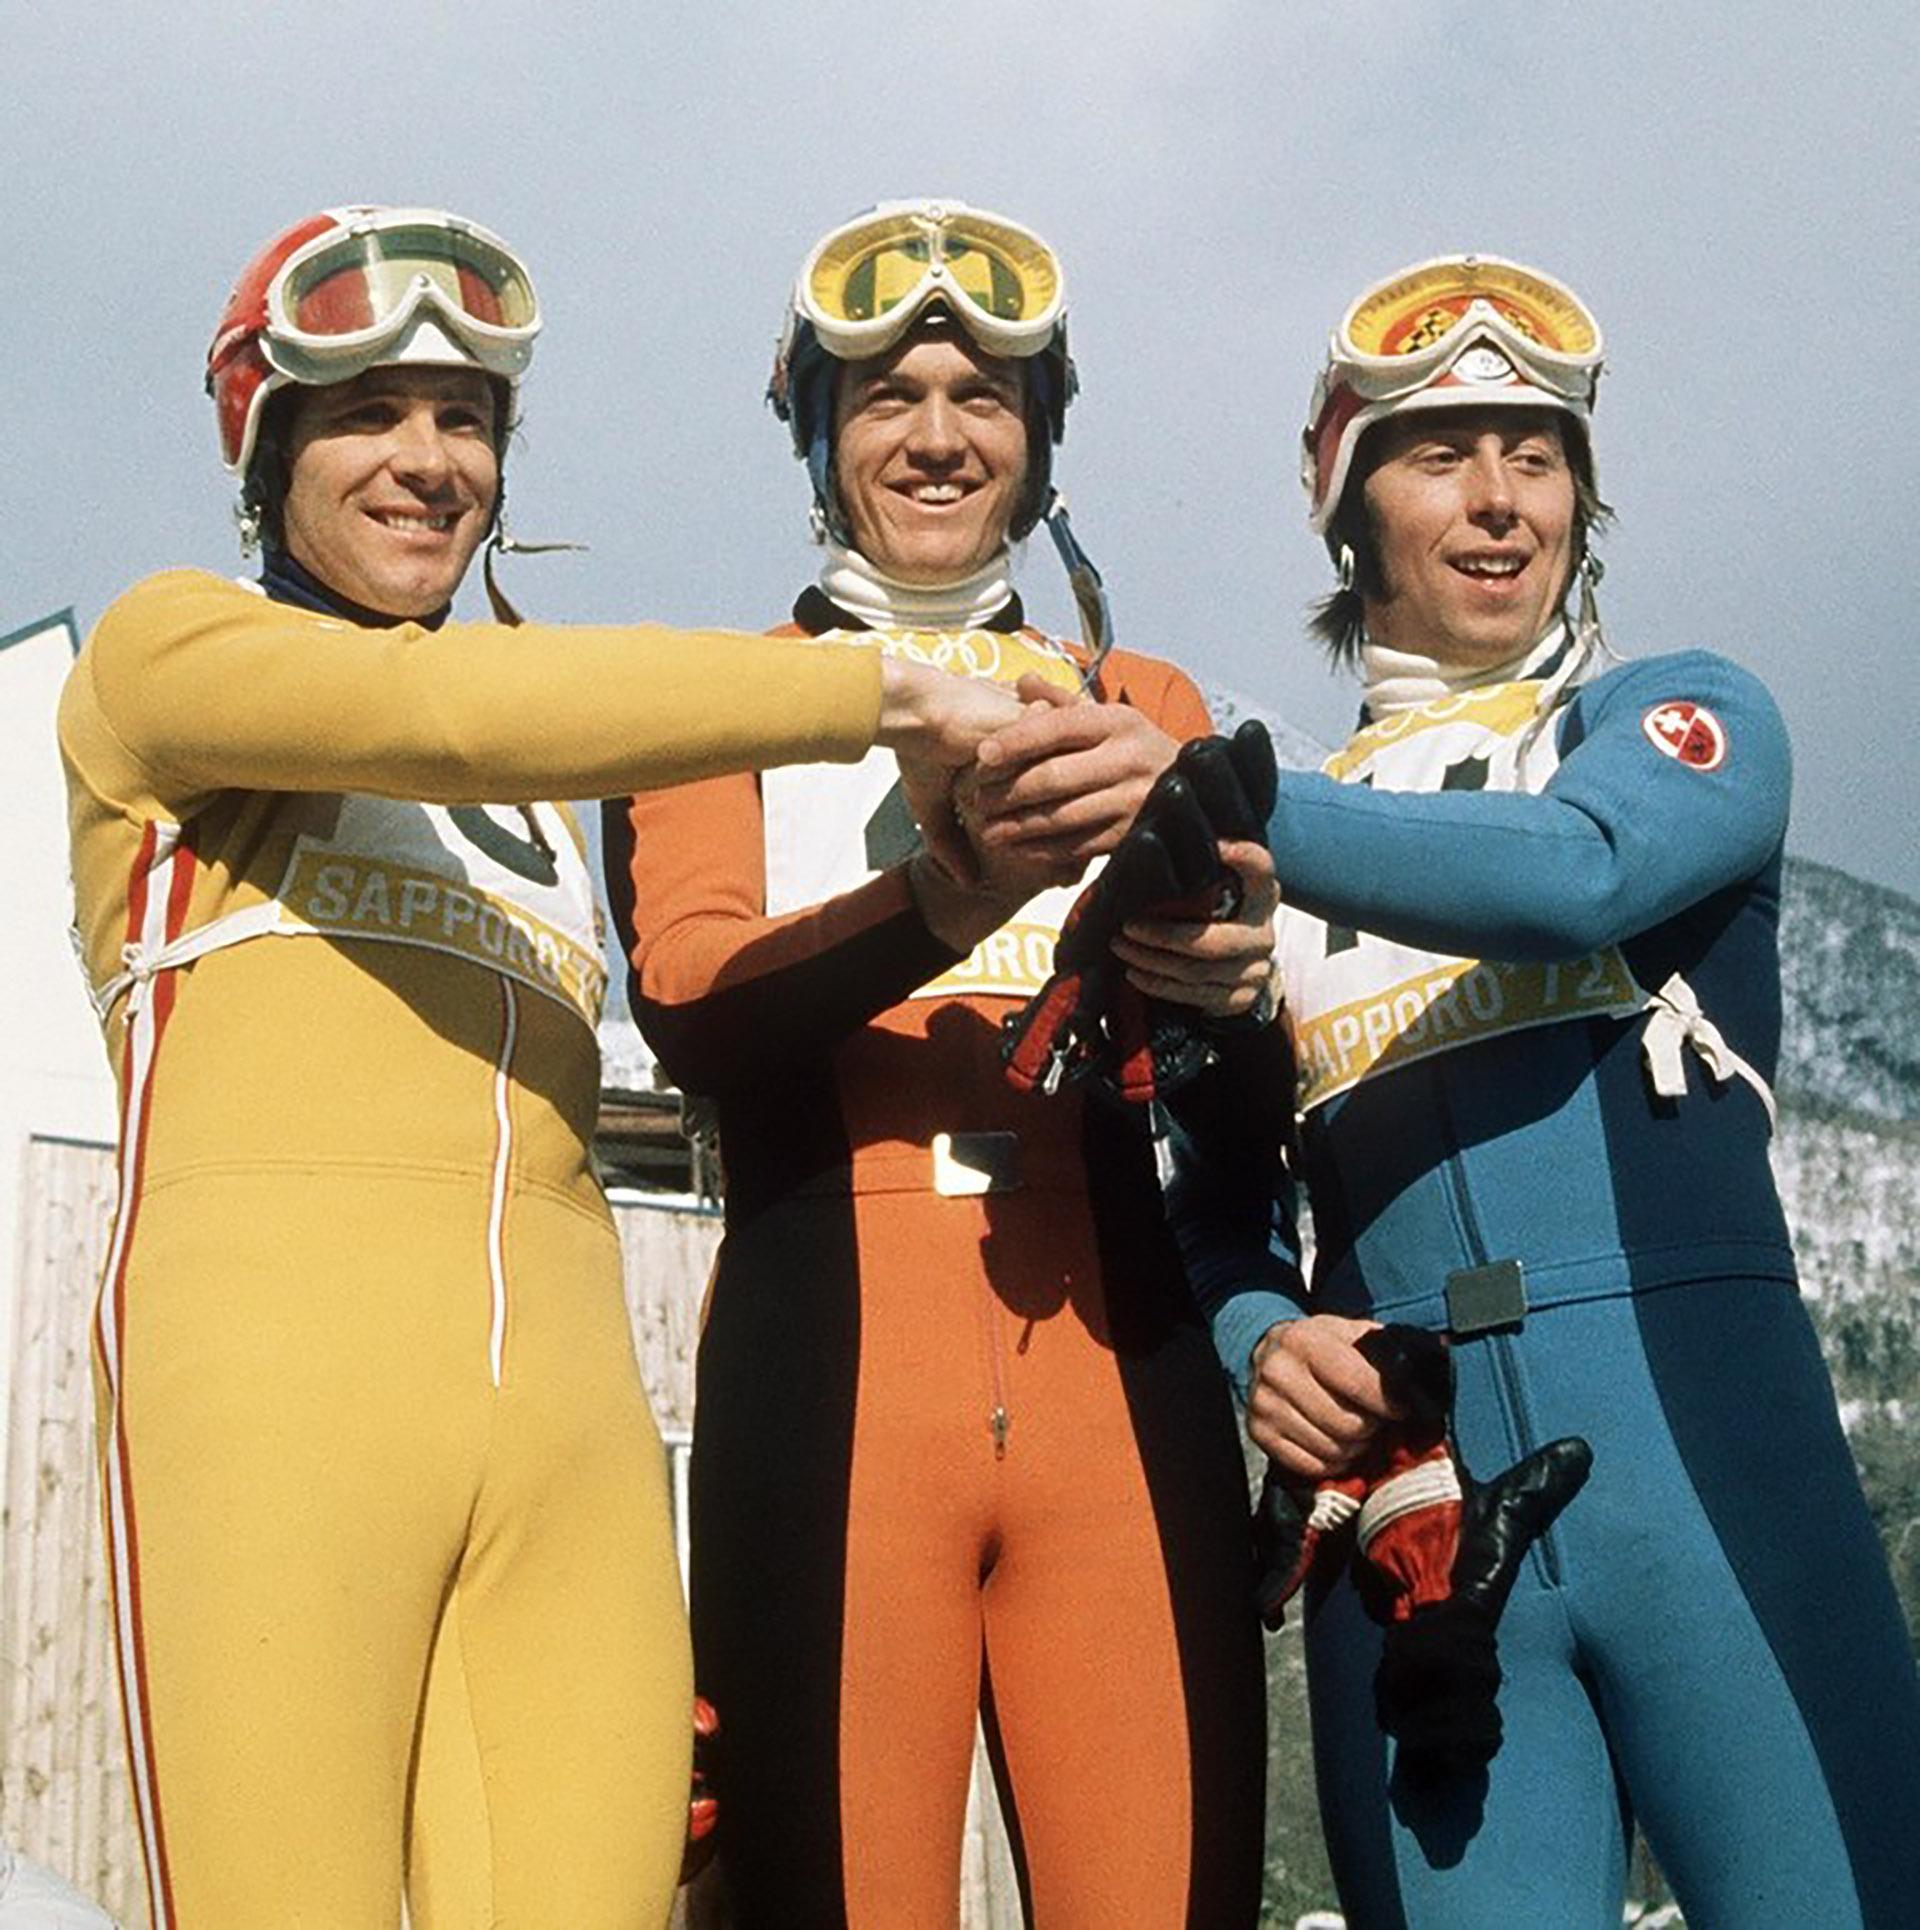 Jocurile Olimpice de iarnă